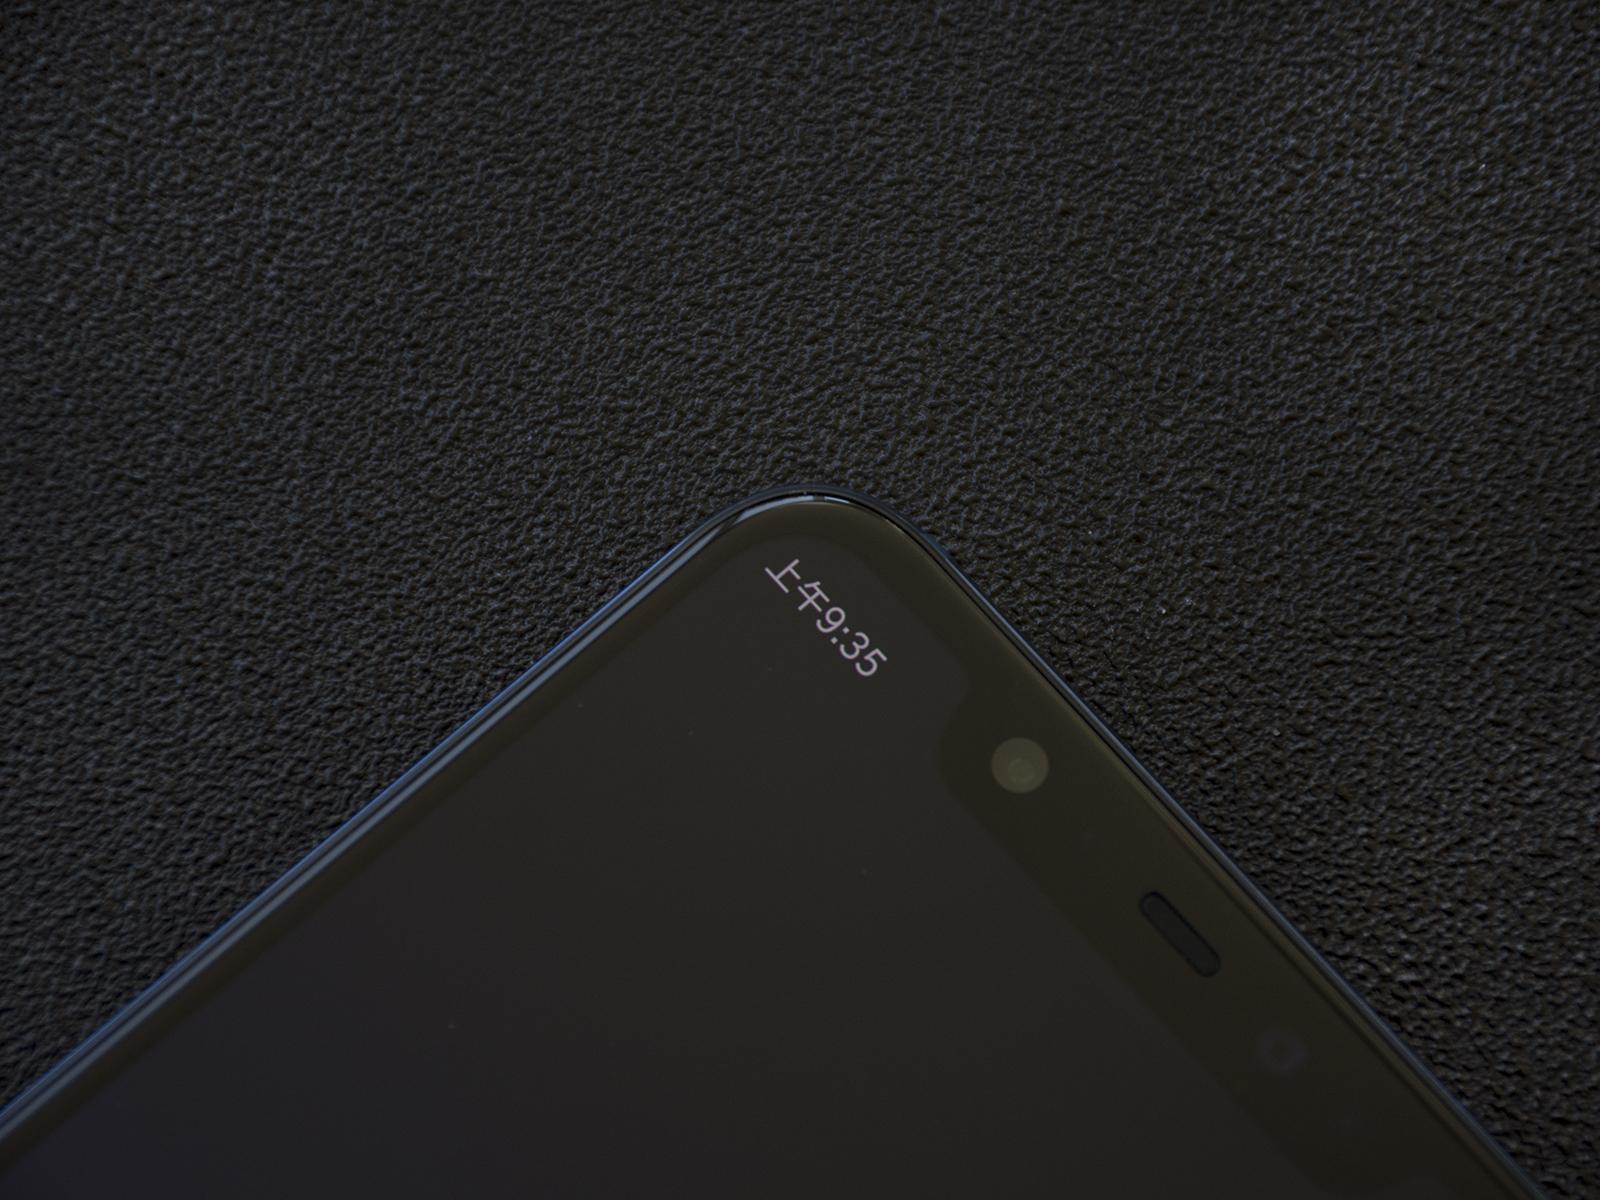 Primeras impresiones del Xiaomi Mi 8 versión azul - Cámaras